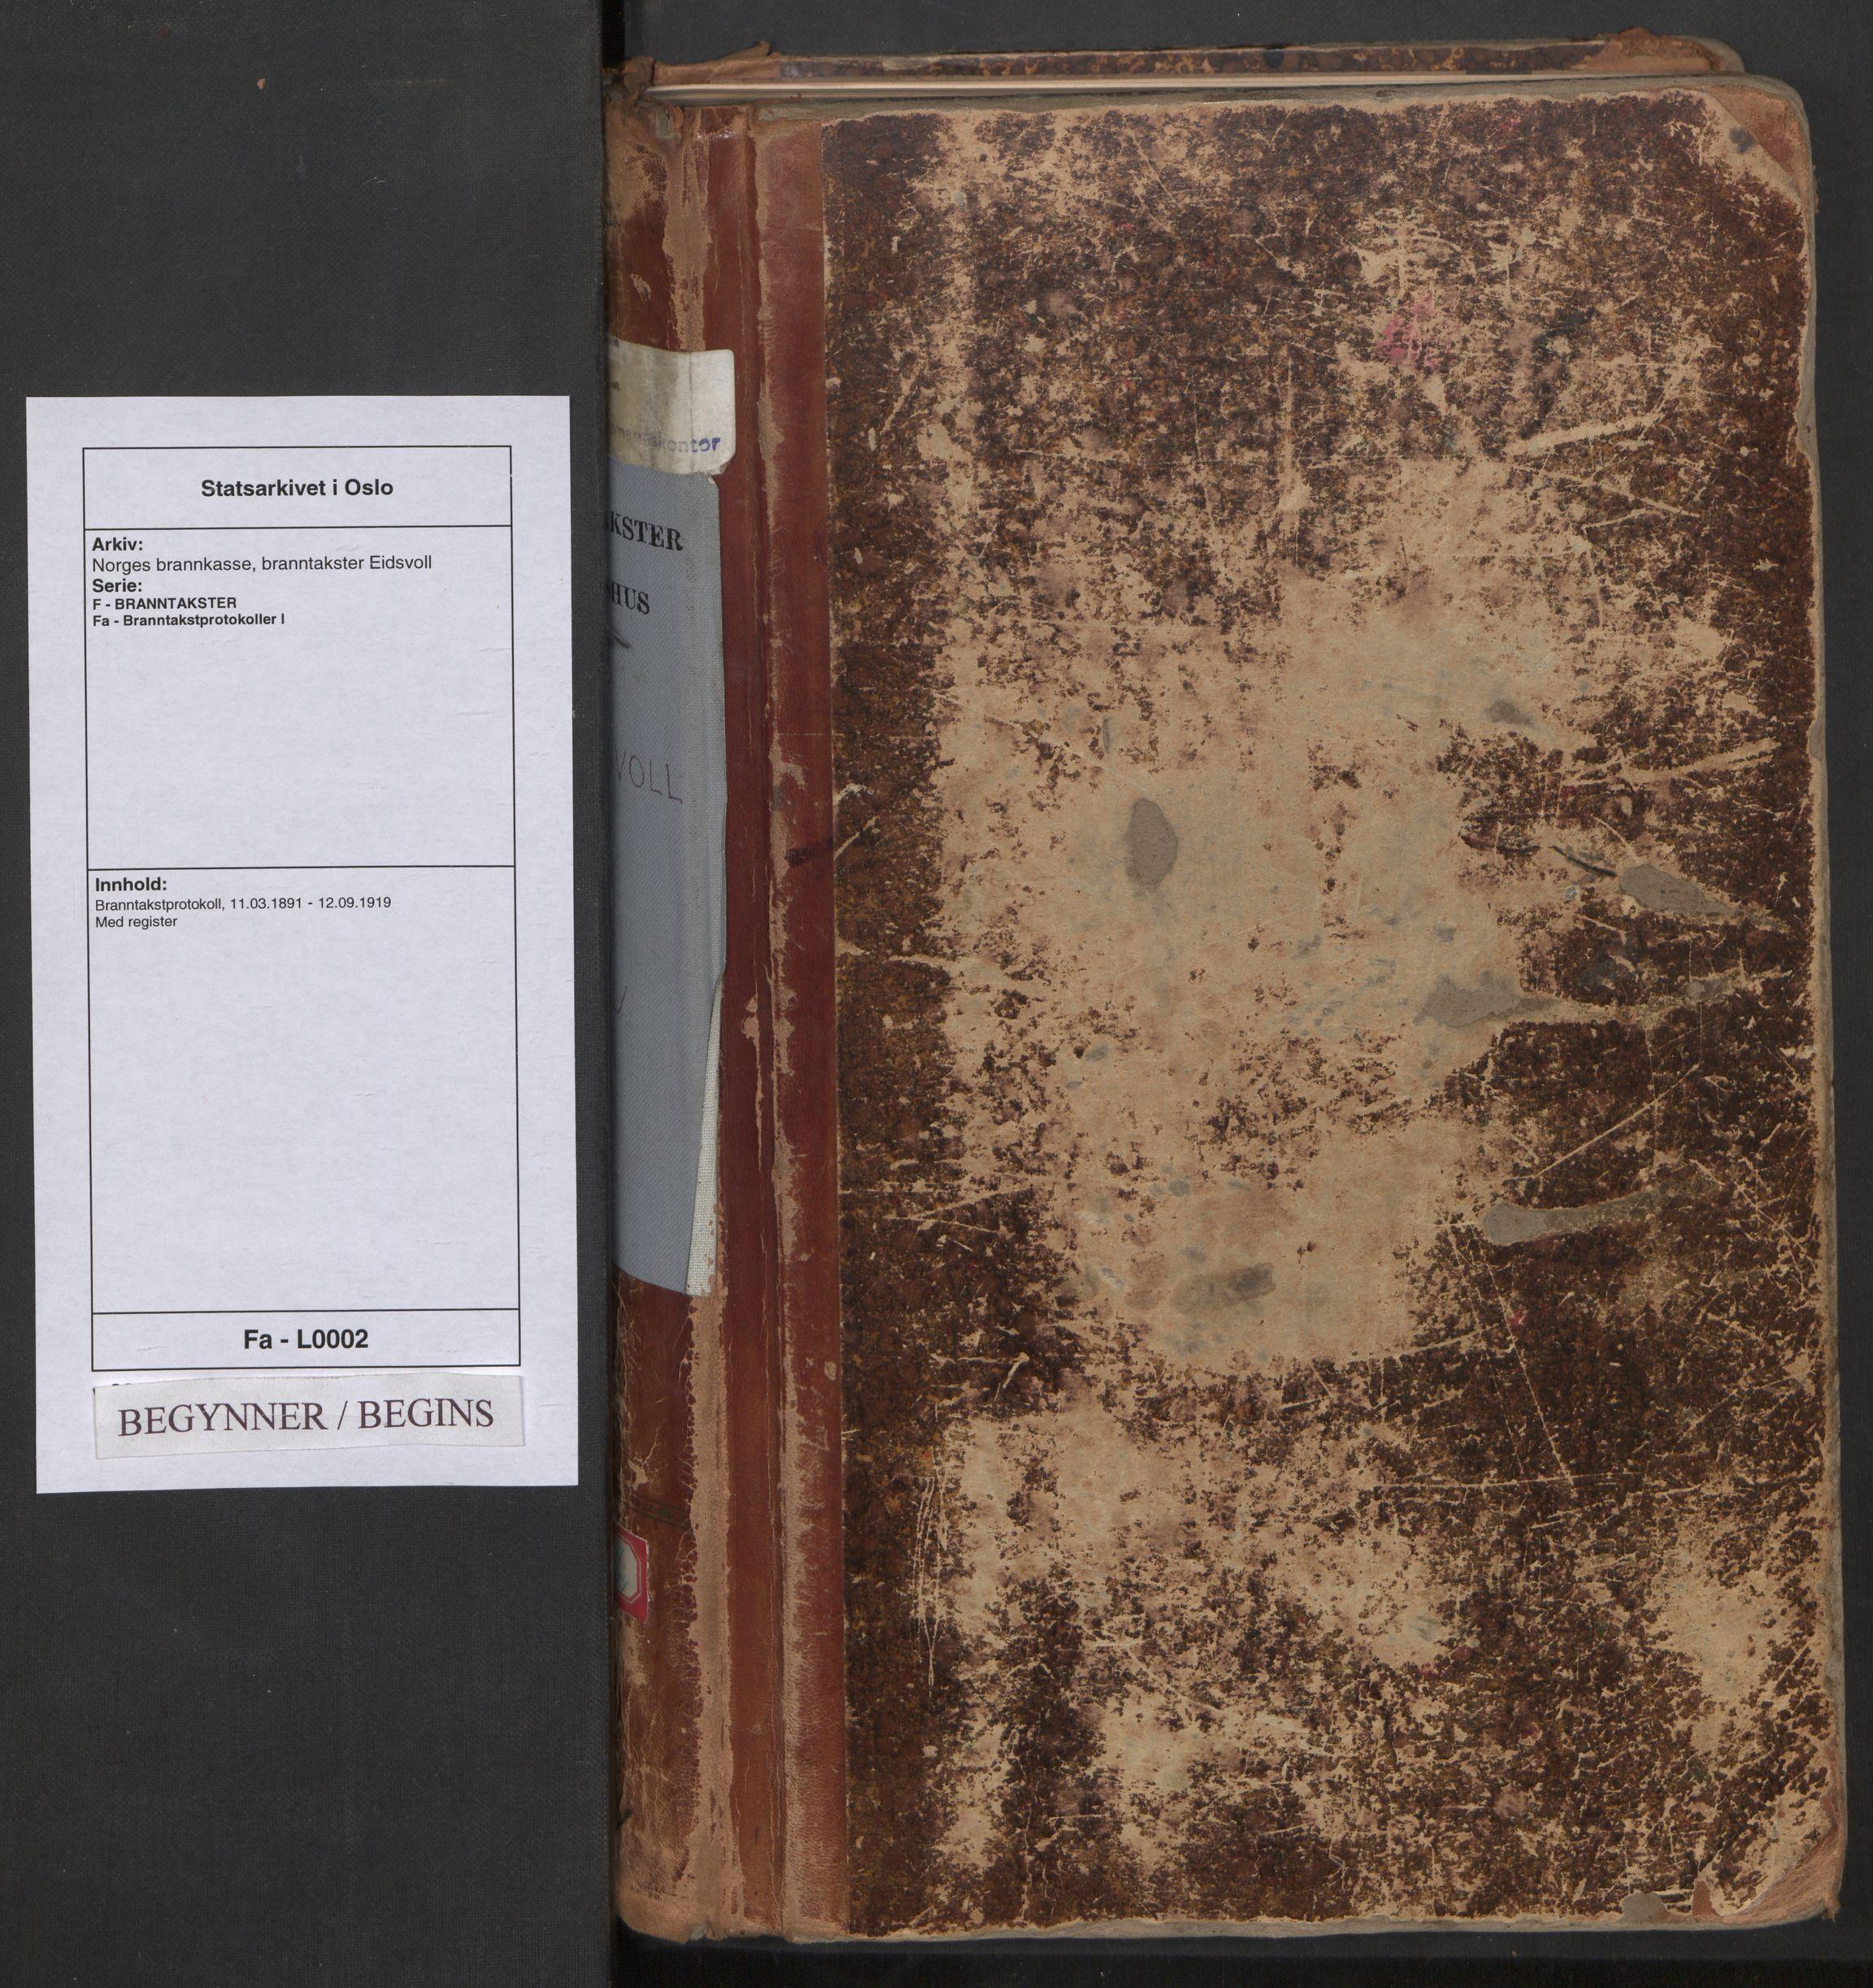 SAO, Norges brannkasse, branntakster Eidsvoll, F/Fa/L0002: Branntakstprotokoll, 1891-1919